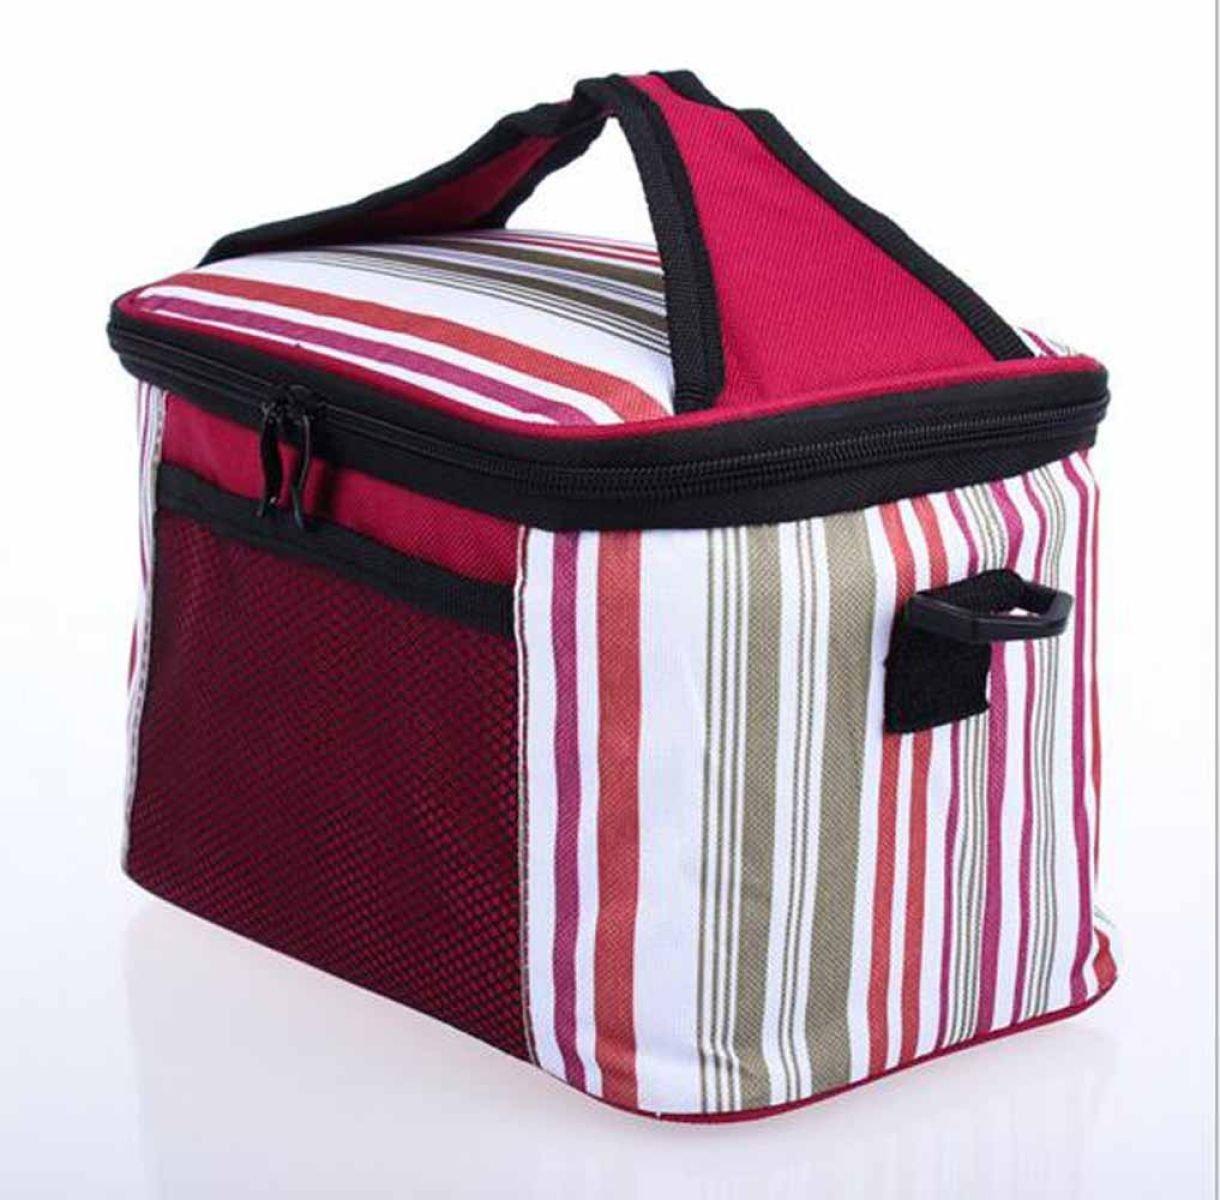 Outdoor-Picknick-Kühltasche Lunch Bag Eisbeutel Isolierpakets Bewegliche Handtasche,Red